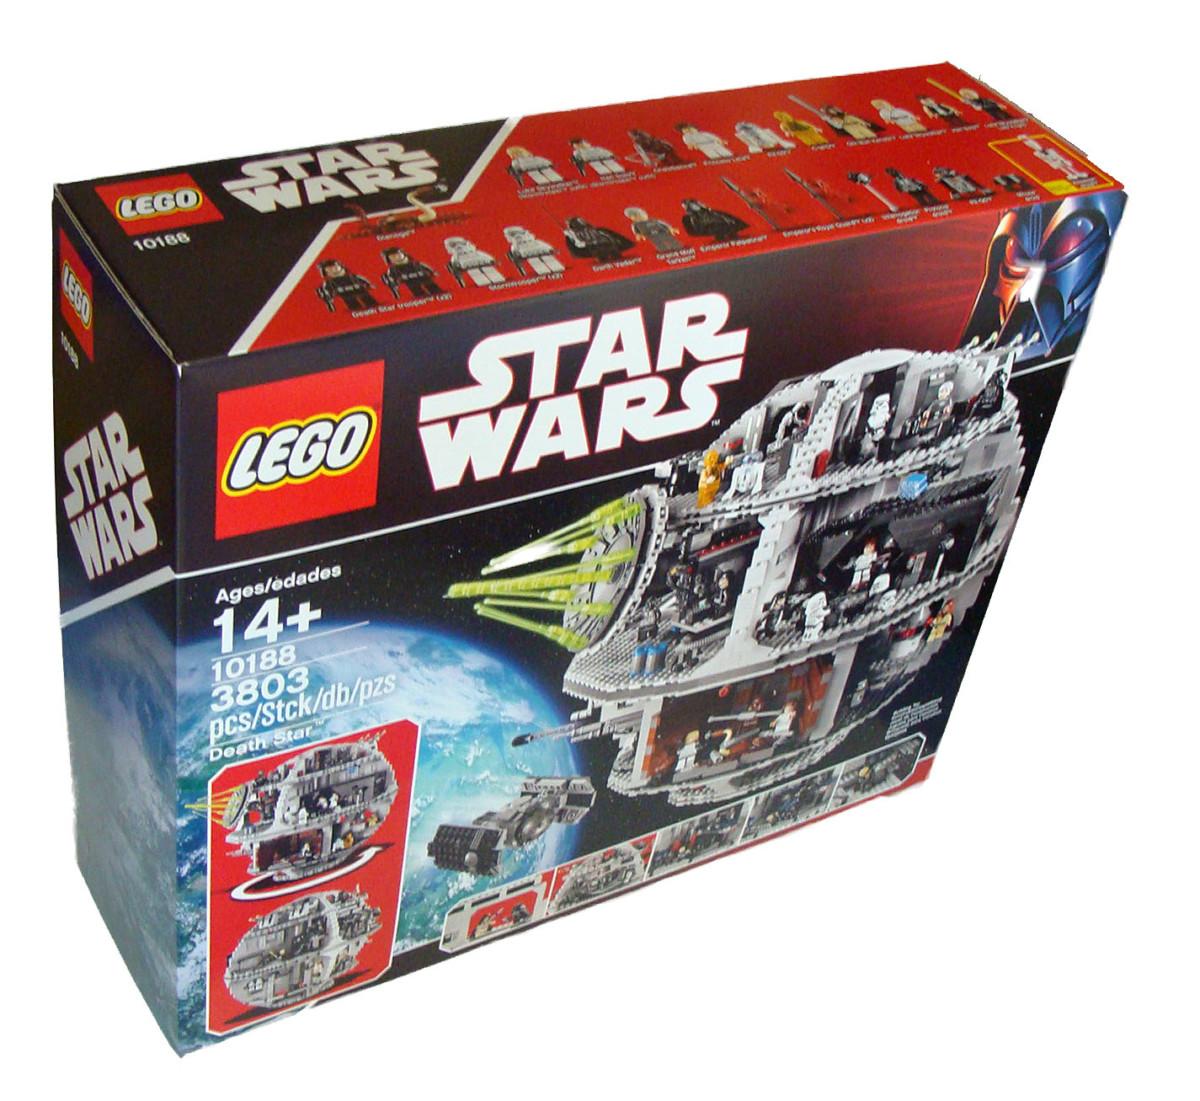 LEGO ® star wars 10188 étoile noire 3803 pièces 14